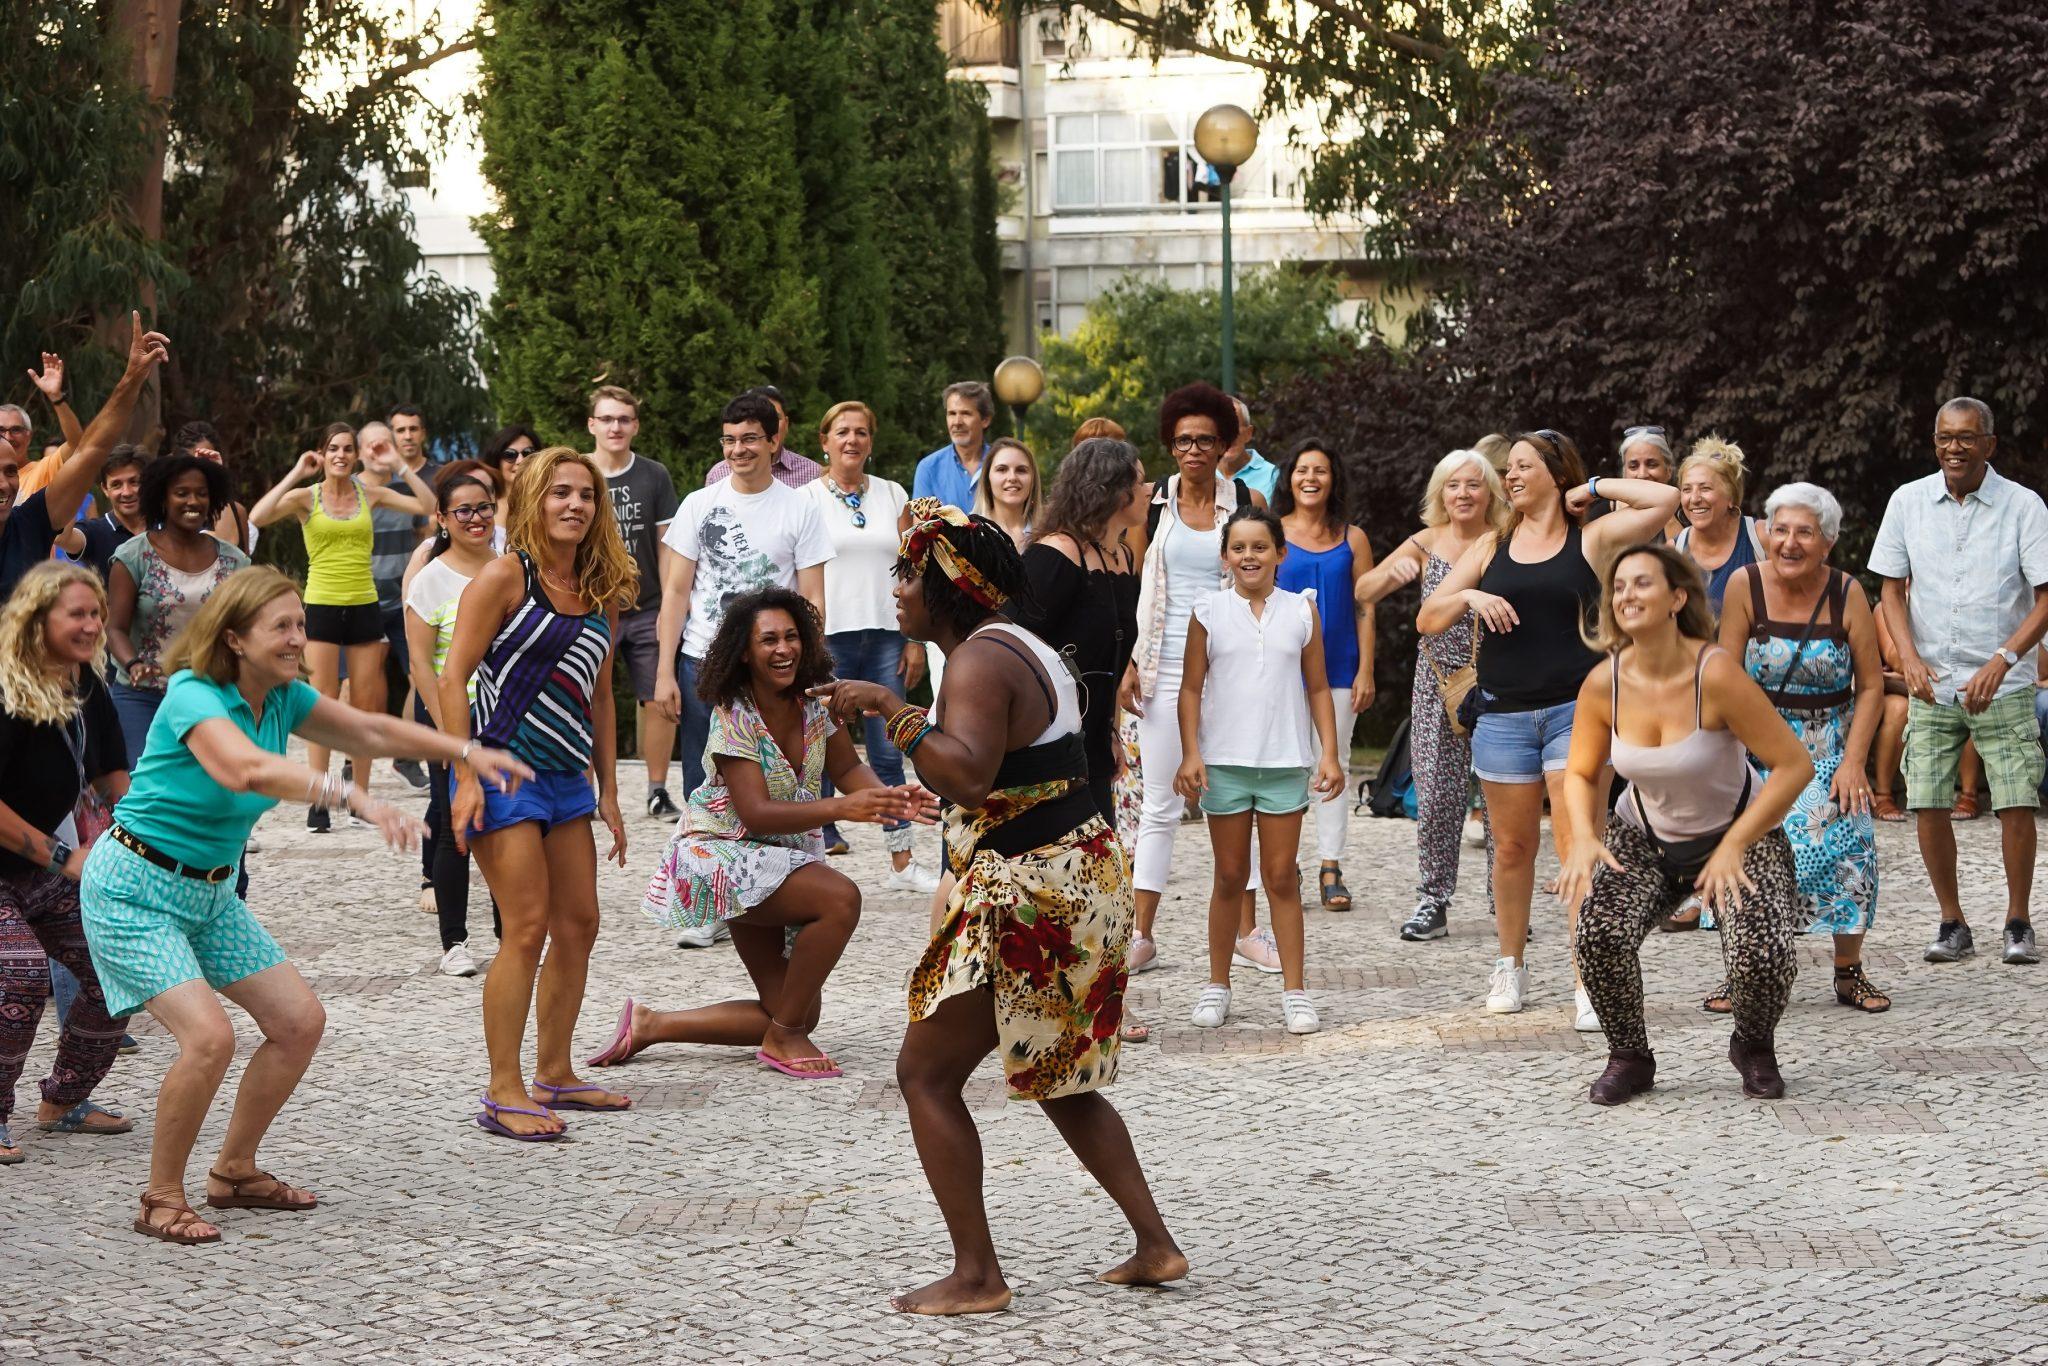 Grupo de pessoas de frente para o observador dança, seguindo os passos de uma mulher, de costas para o observador